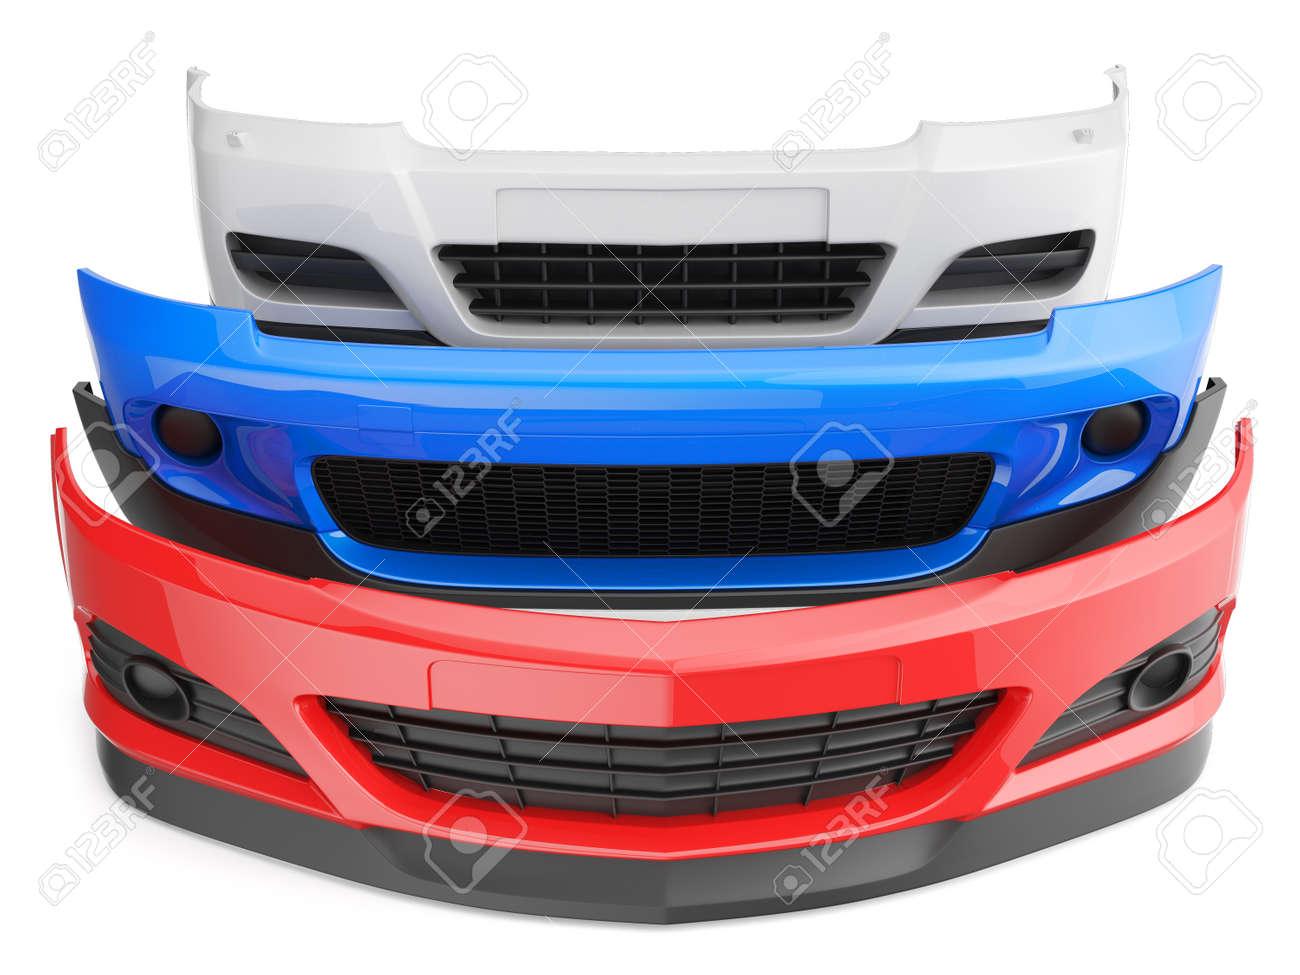 Stoßfänger Stoßfänger Isoliert Auto Auto Vorderen Kotflügel Teile ...